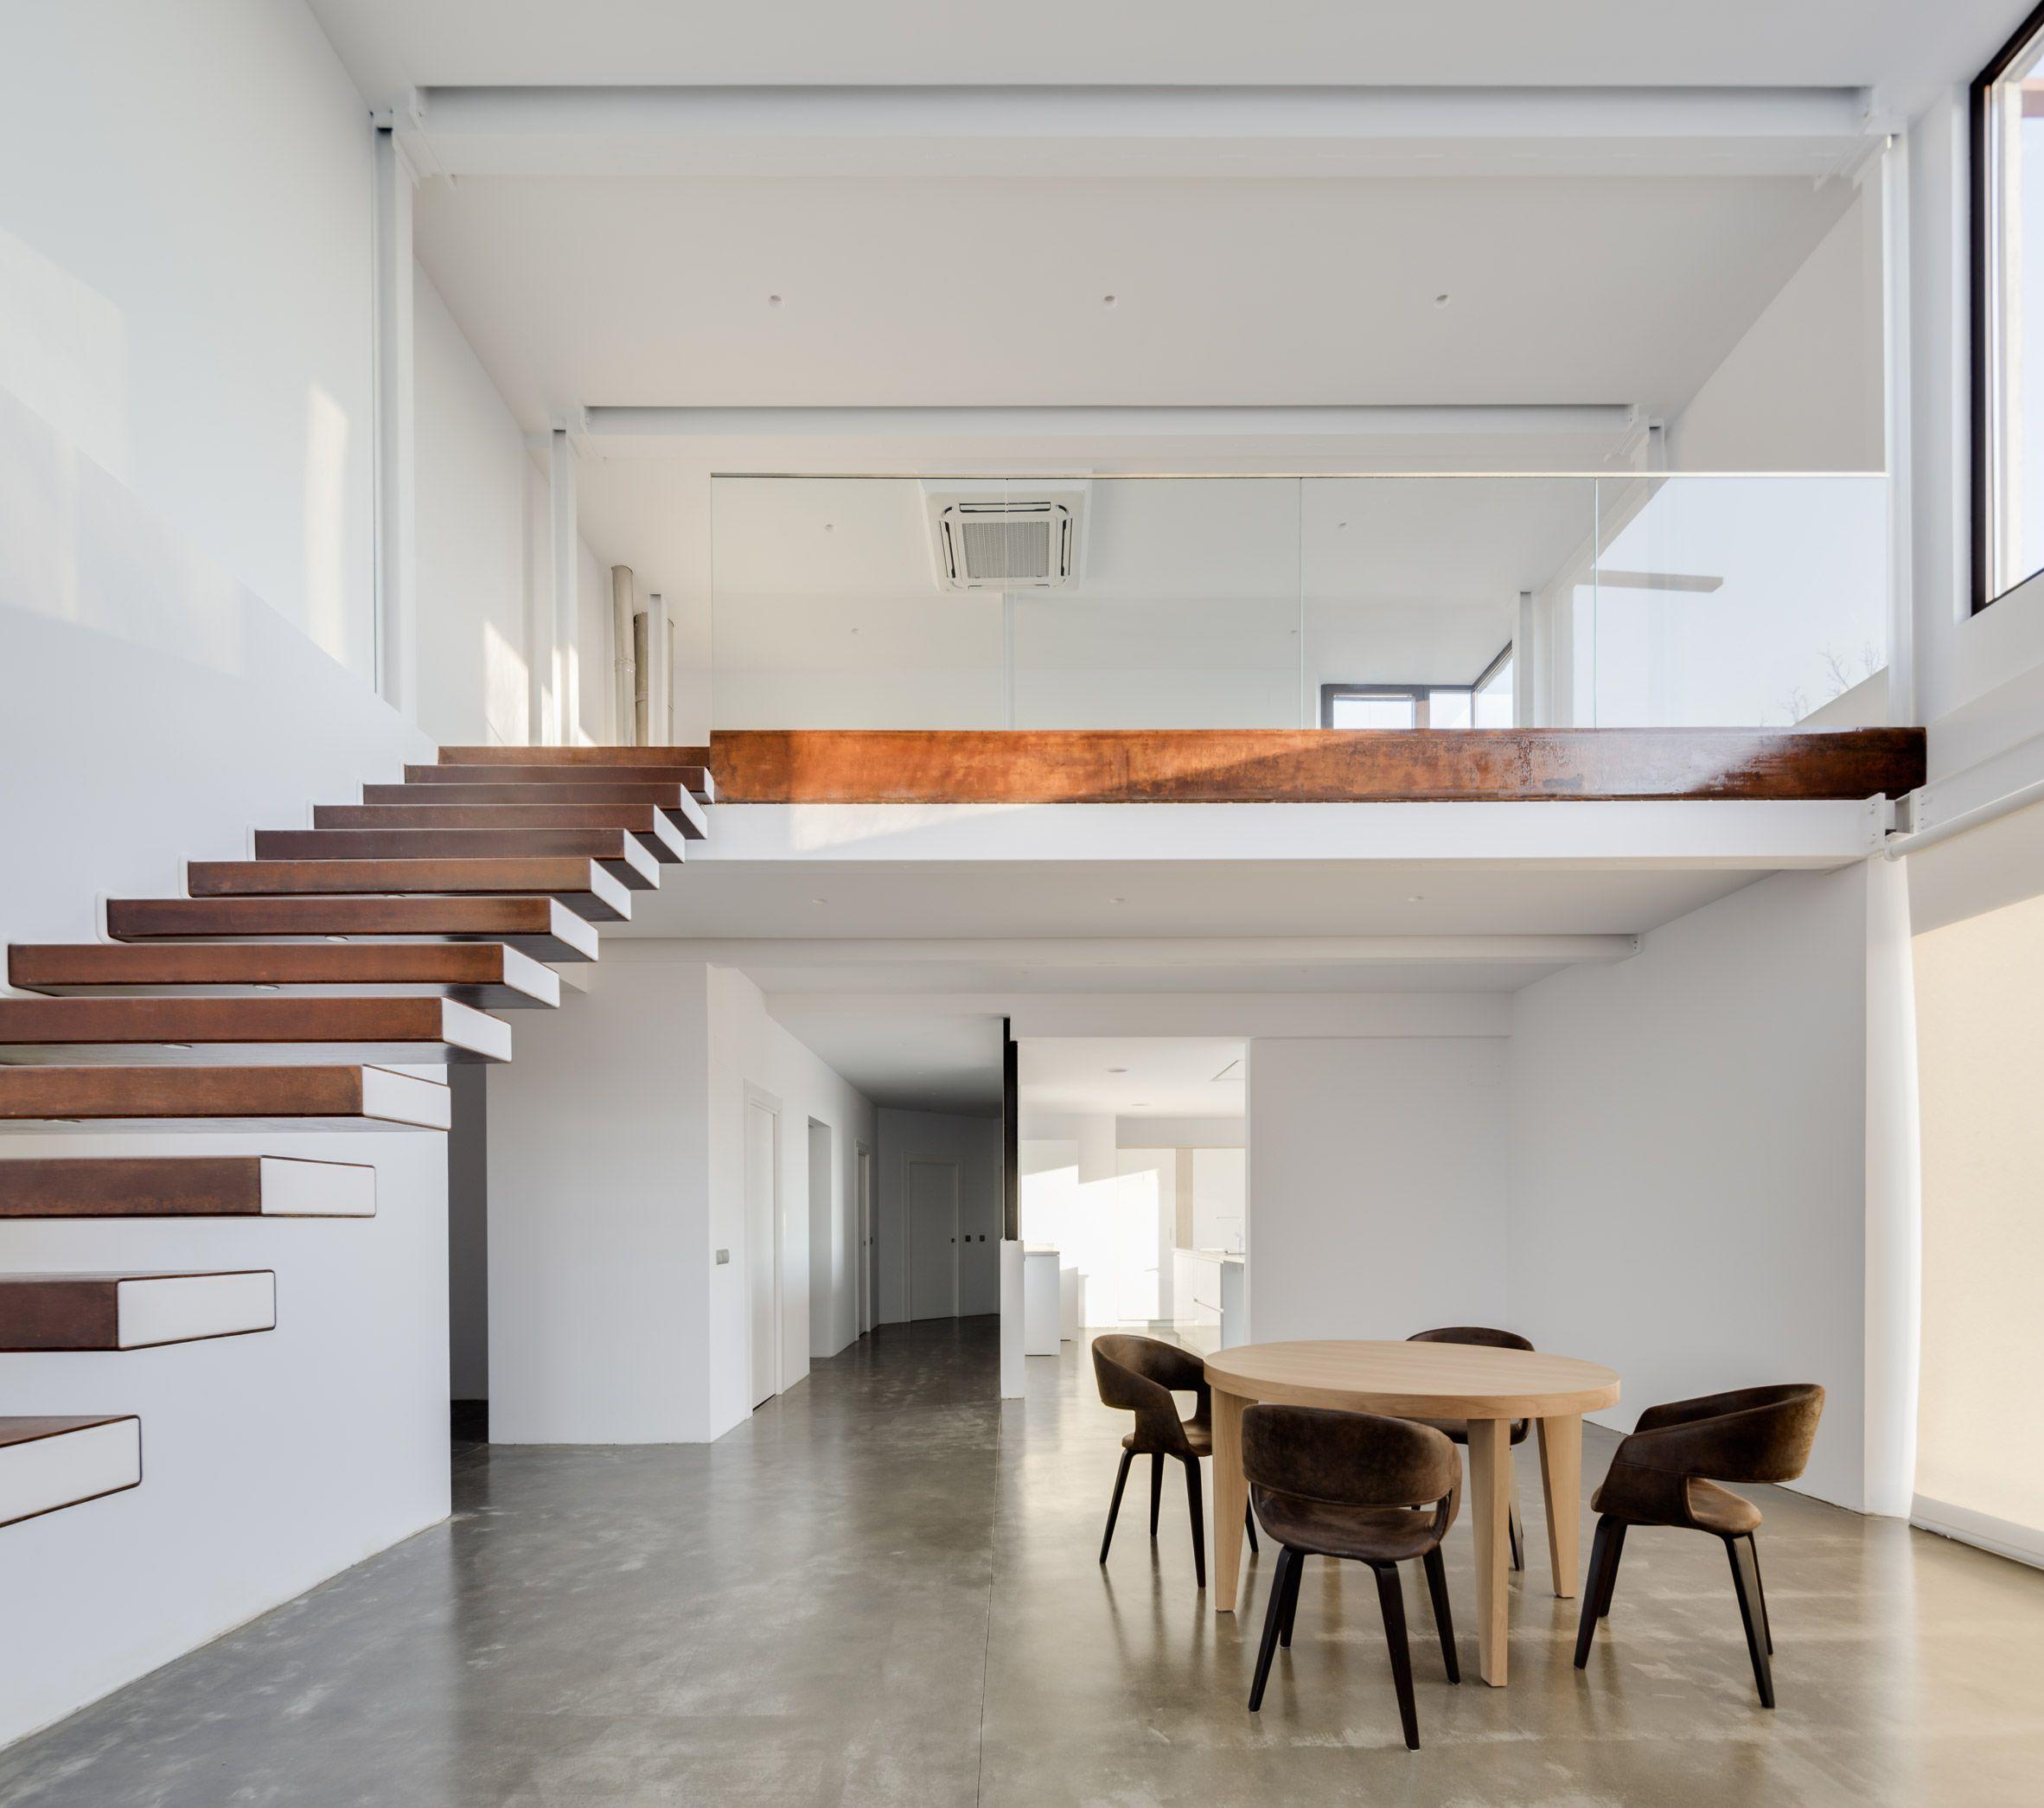 Casa VMS by Marcos Miguelez | Batcave | House design, Loft